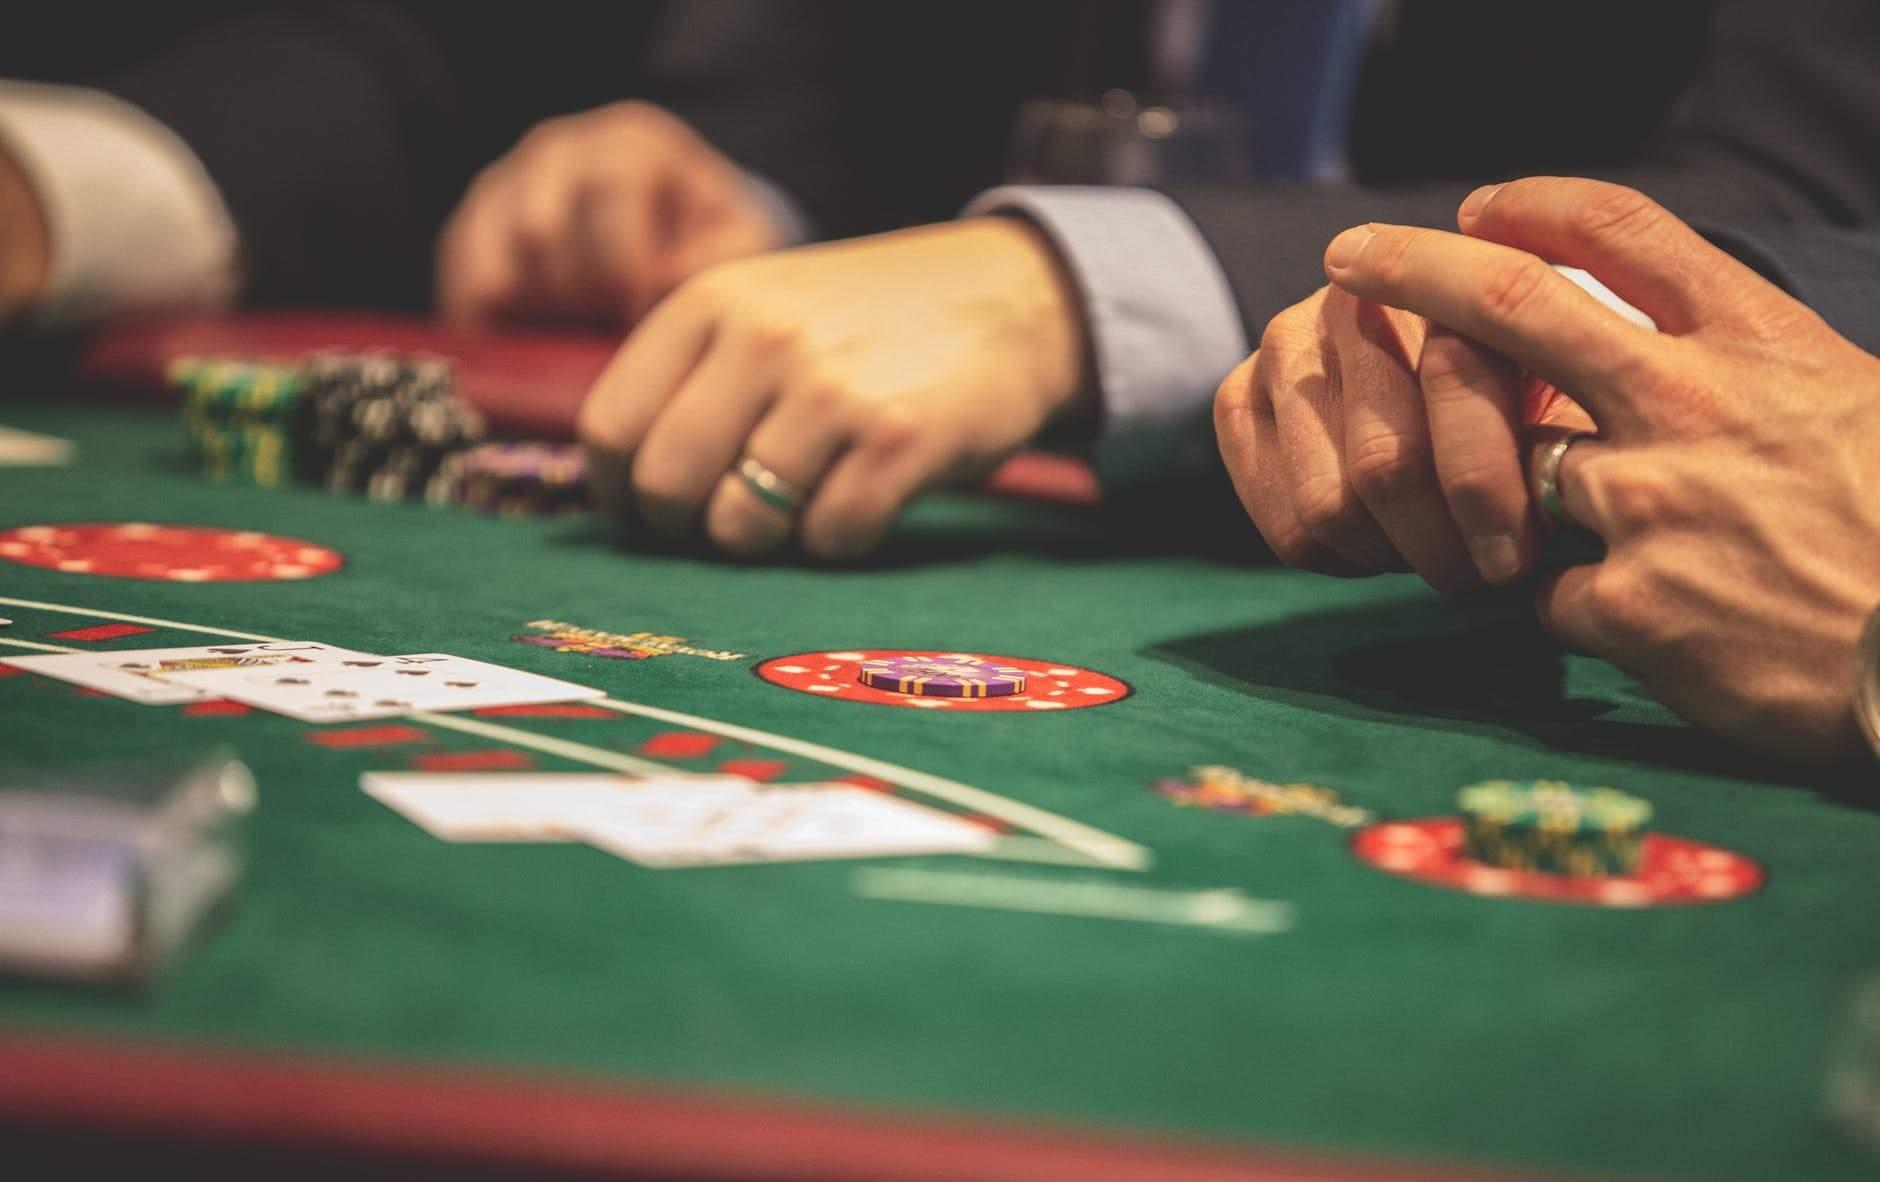 ПМ Казино дает возможность выгодно играть на деньги